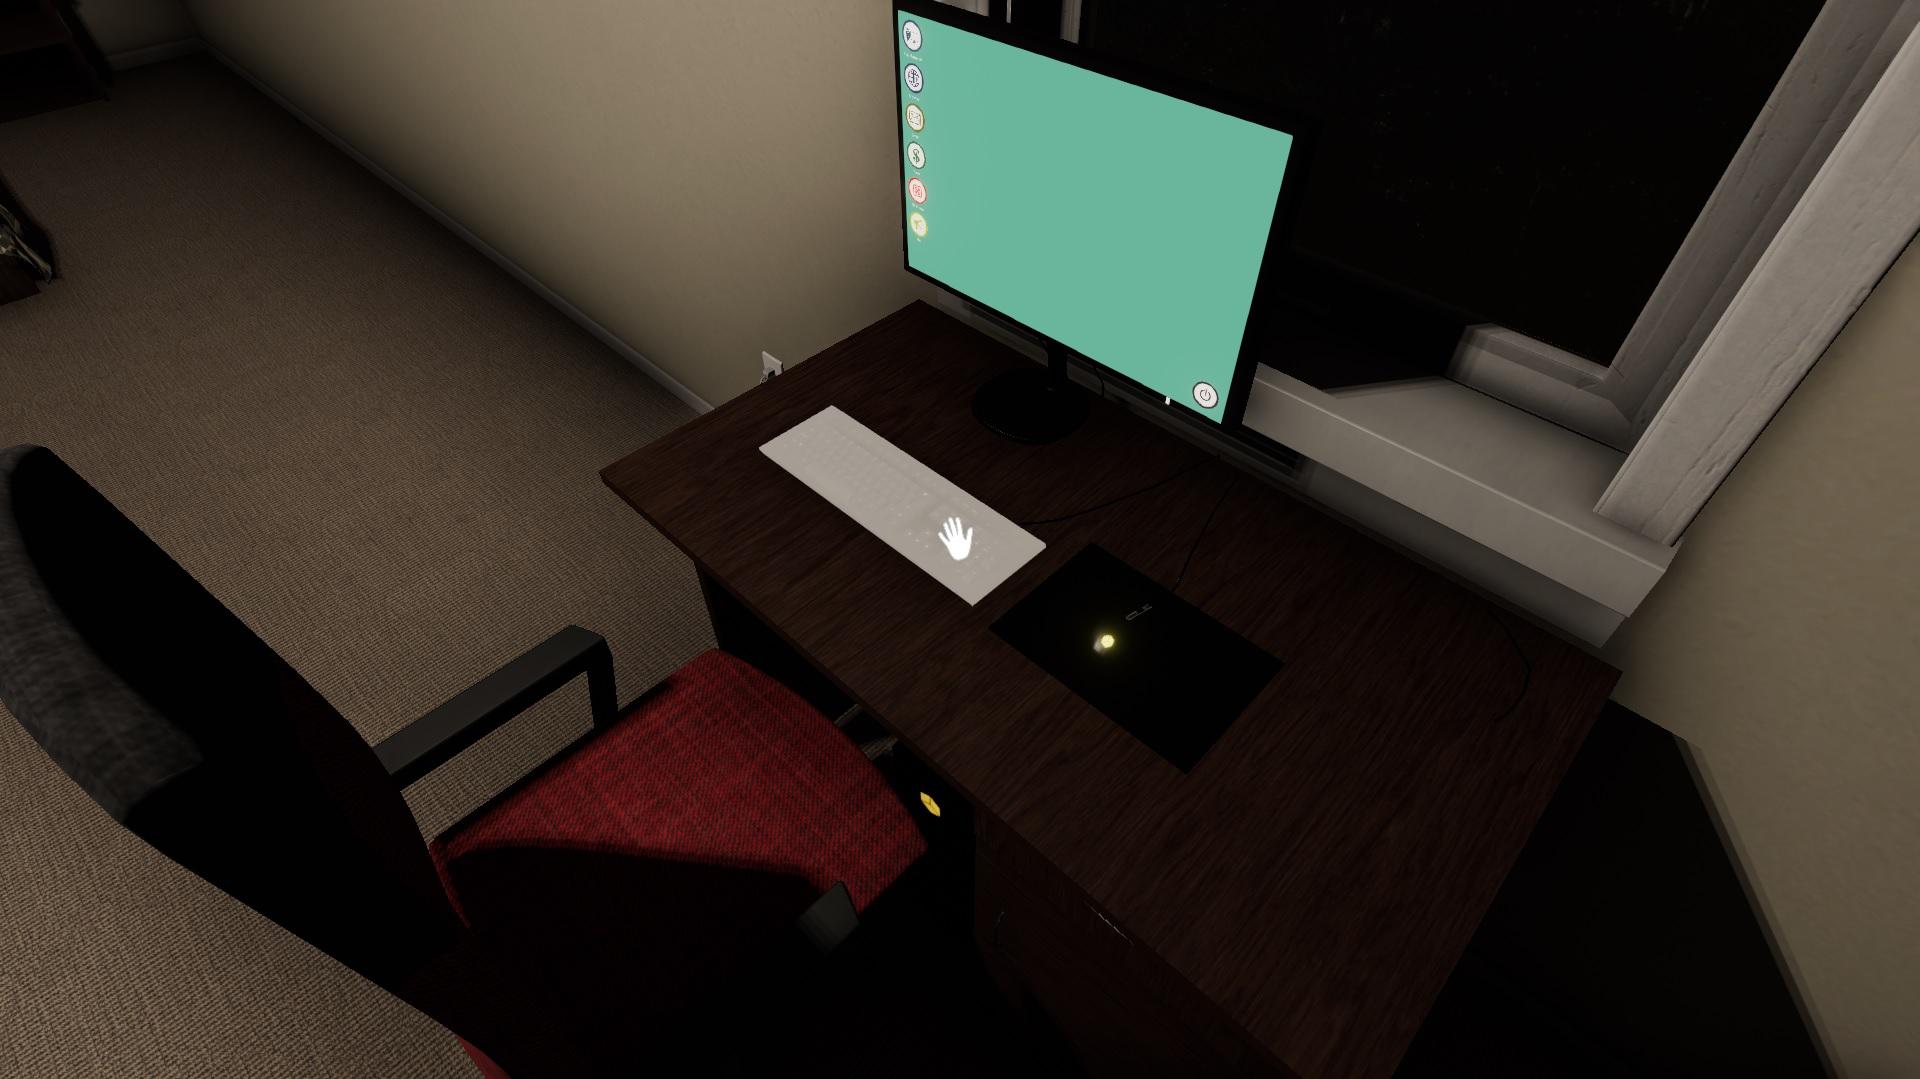 DIY Simulator Free Download